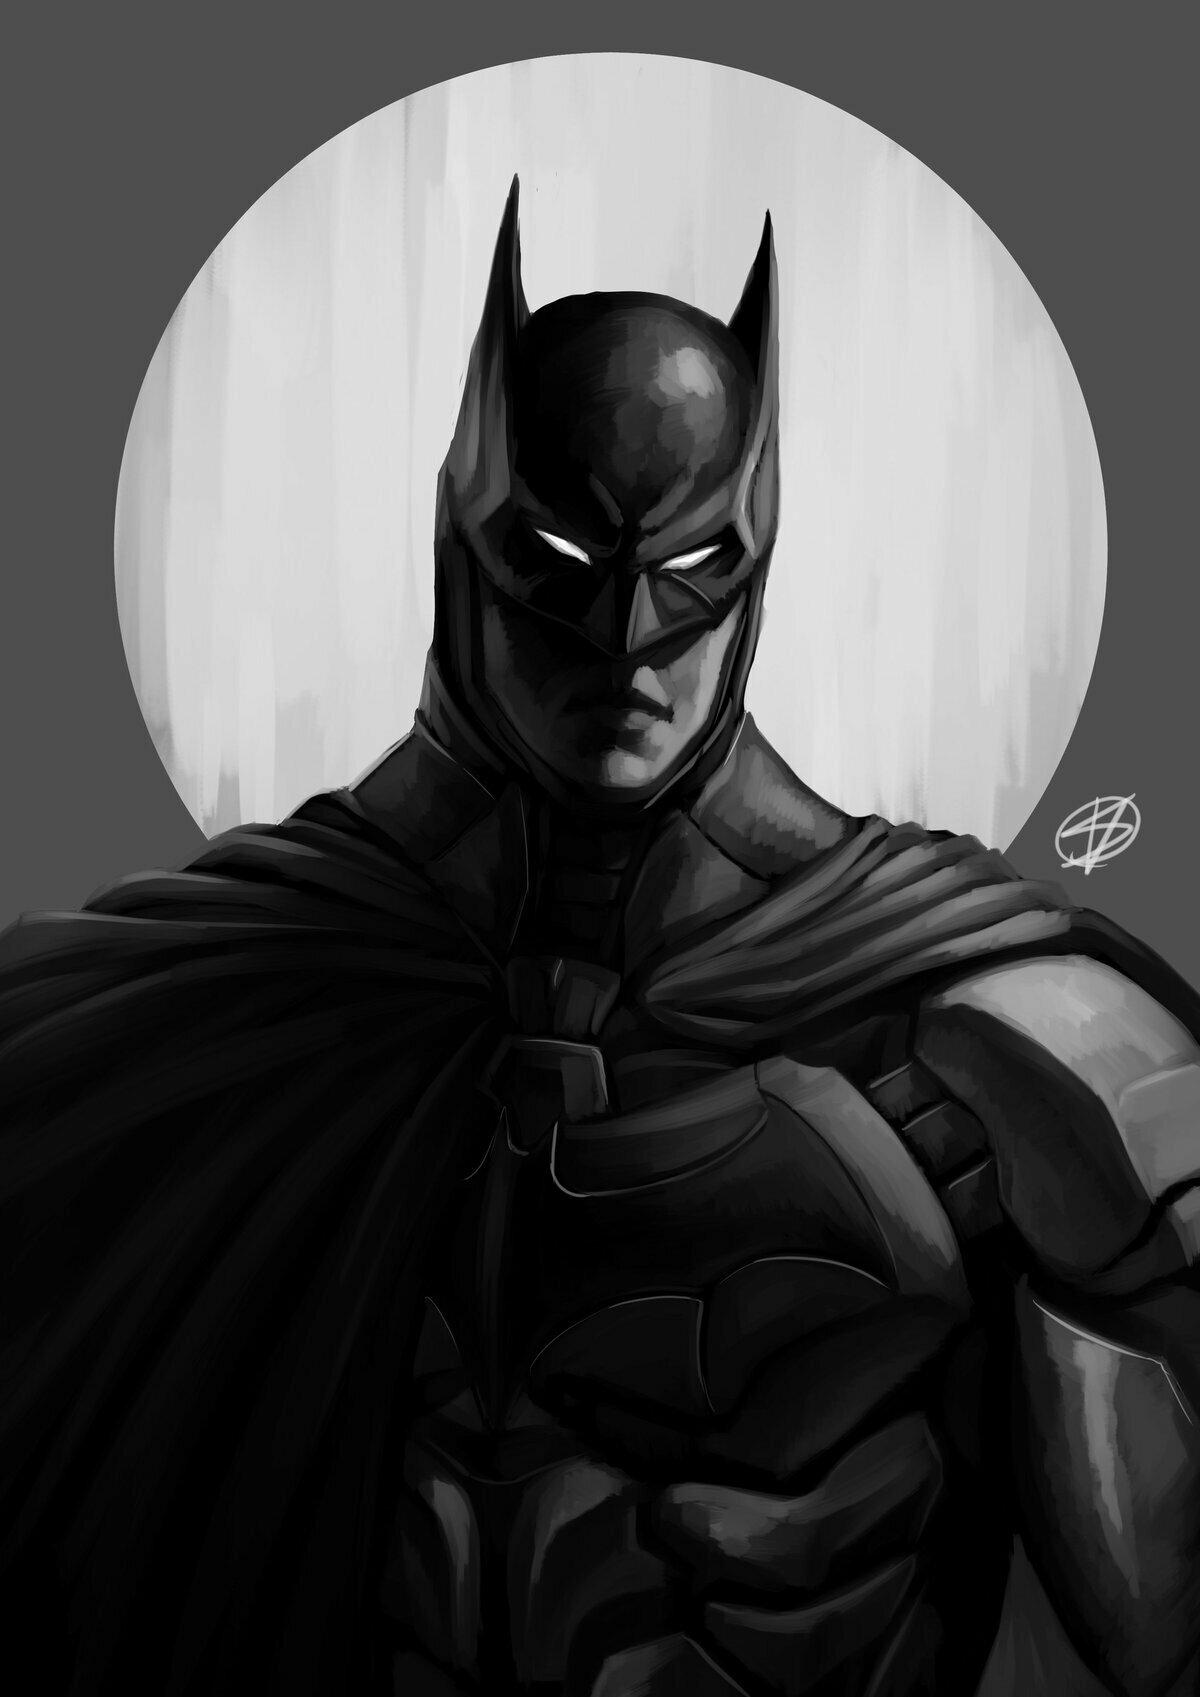 картинки бэтмен классные наши